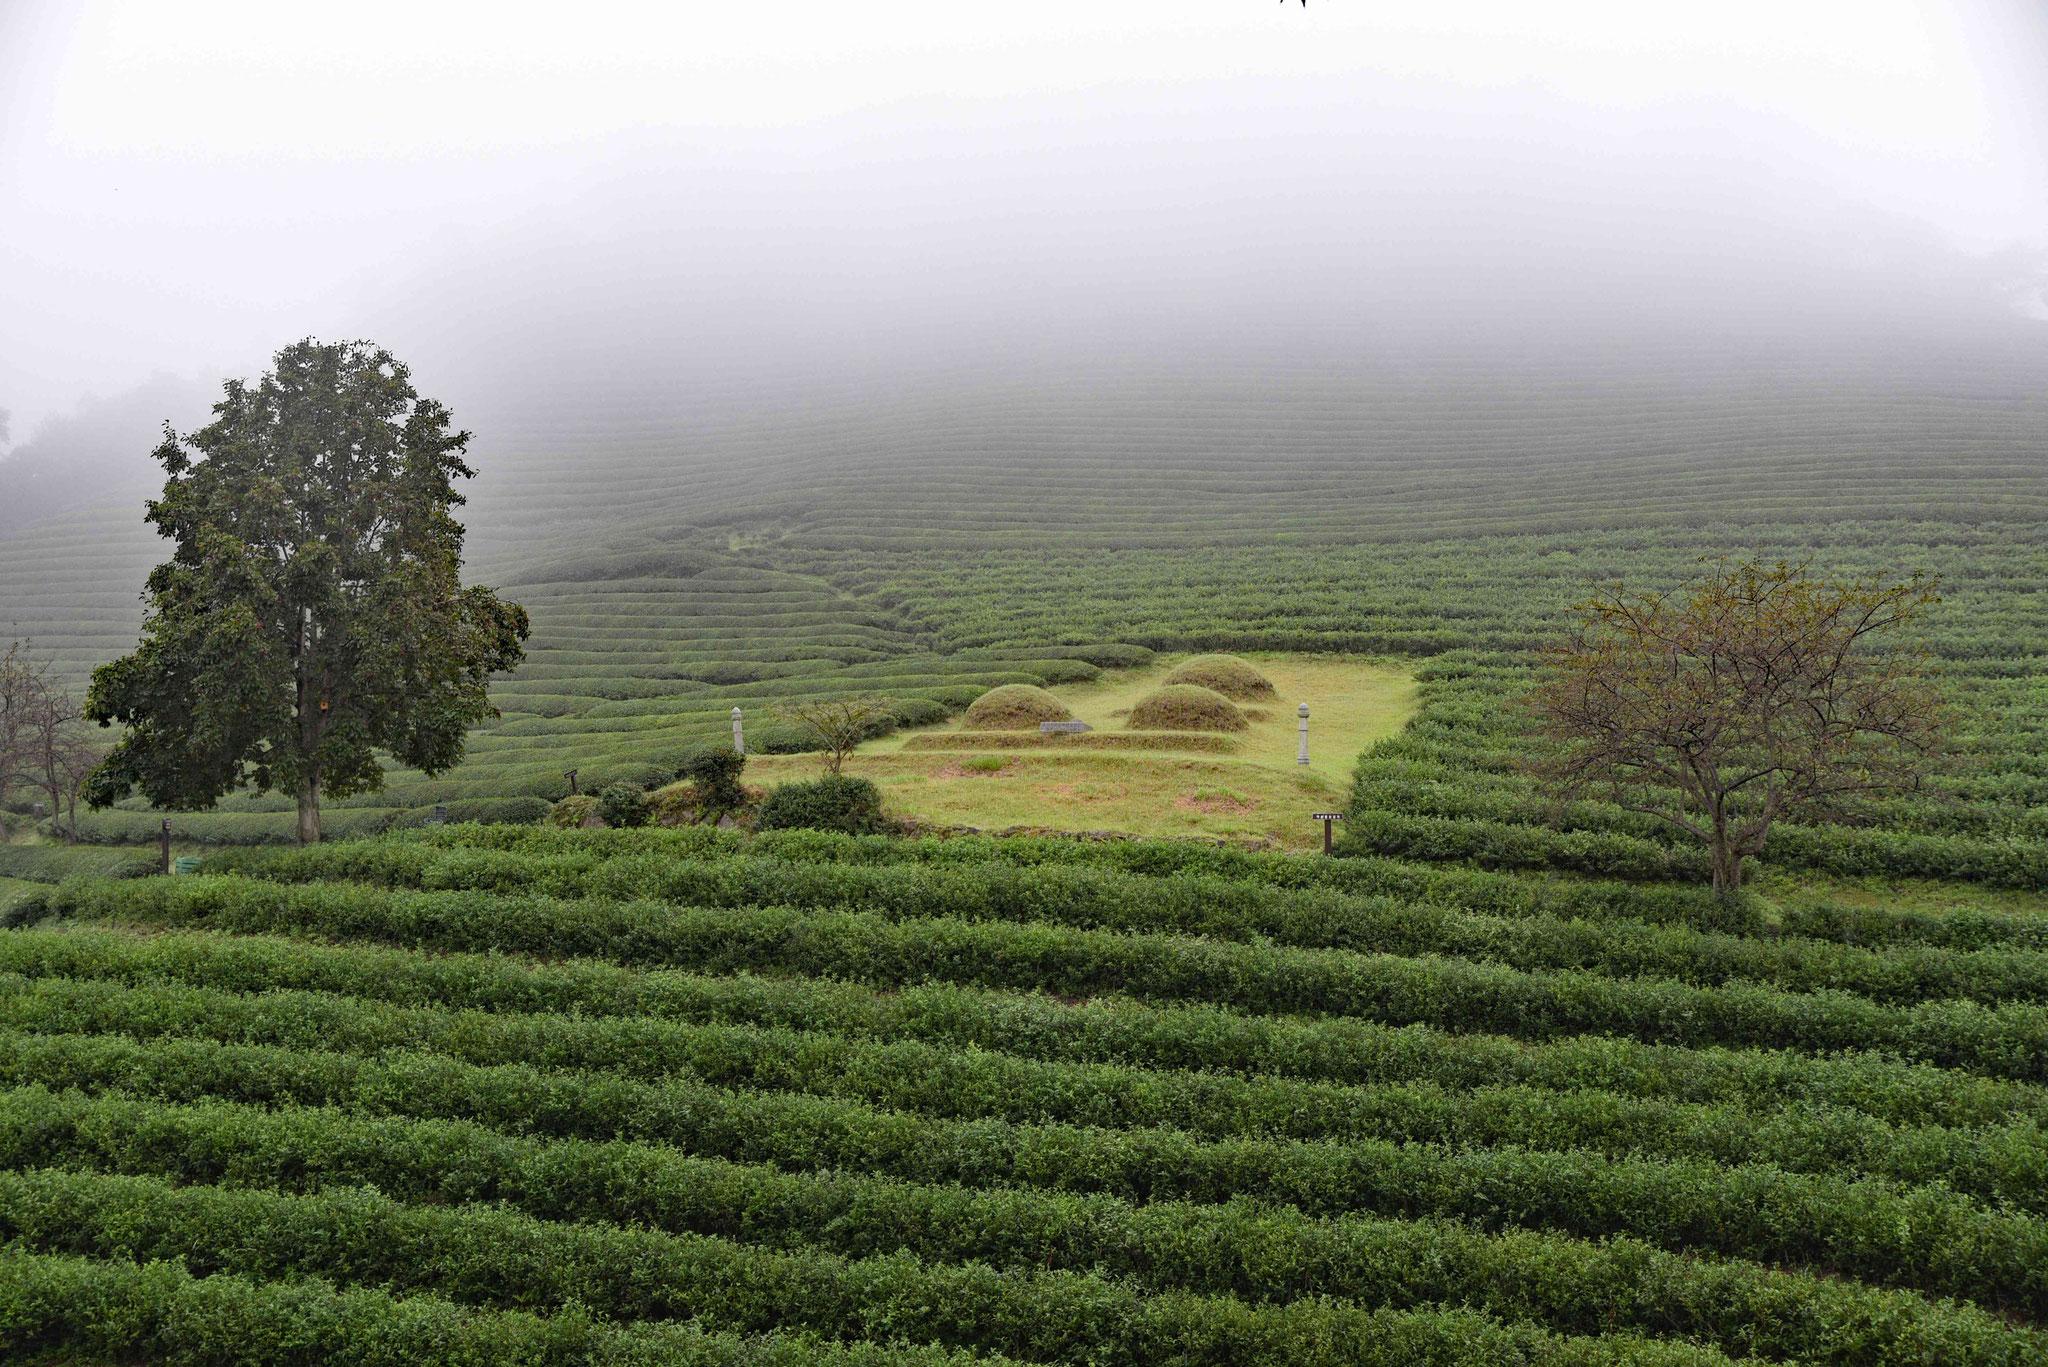 Gräber inmitten der Teeplantage